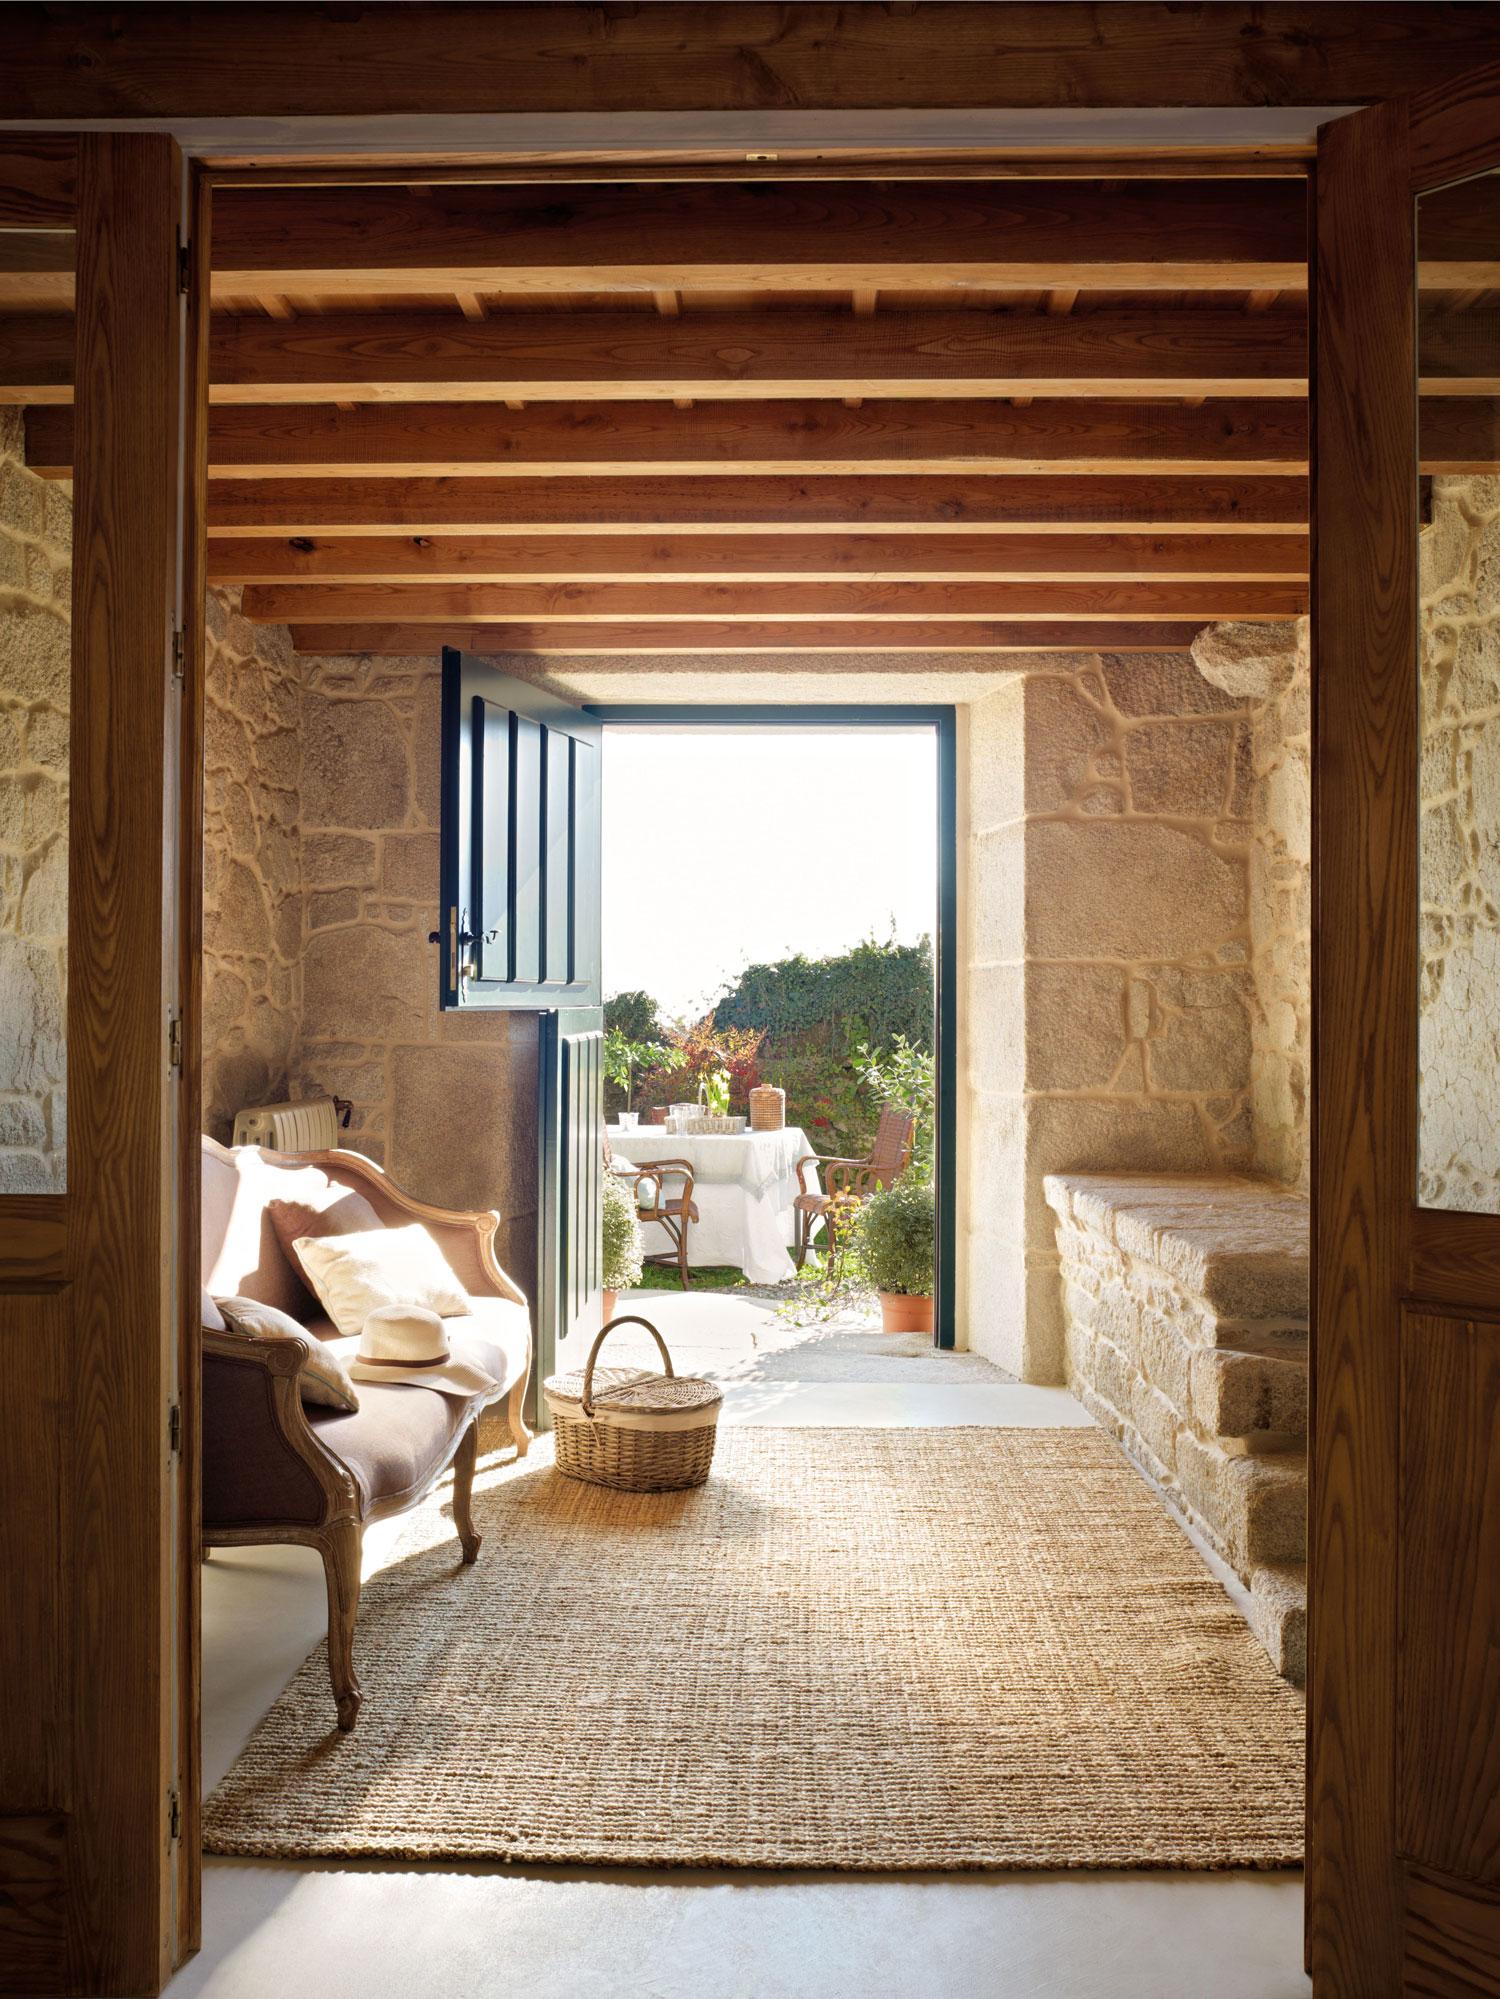 00315221. Entrada de la casa con muros de piedra y un banco sobre una alfombra de mimbre_00315221